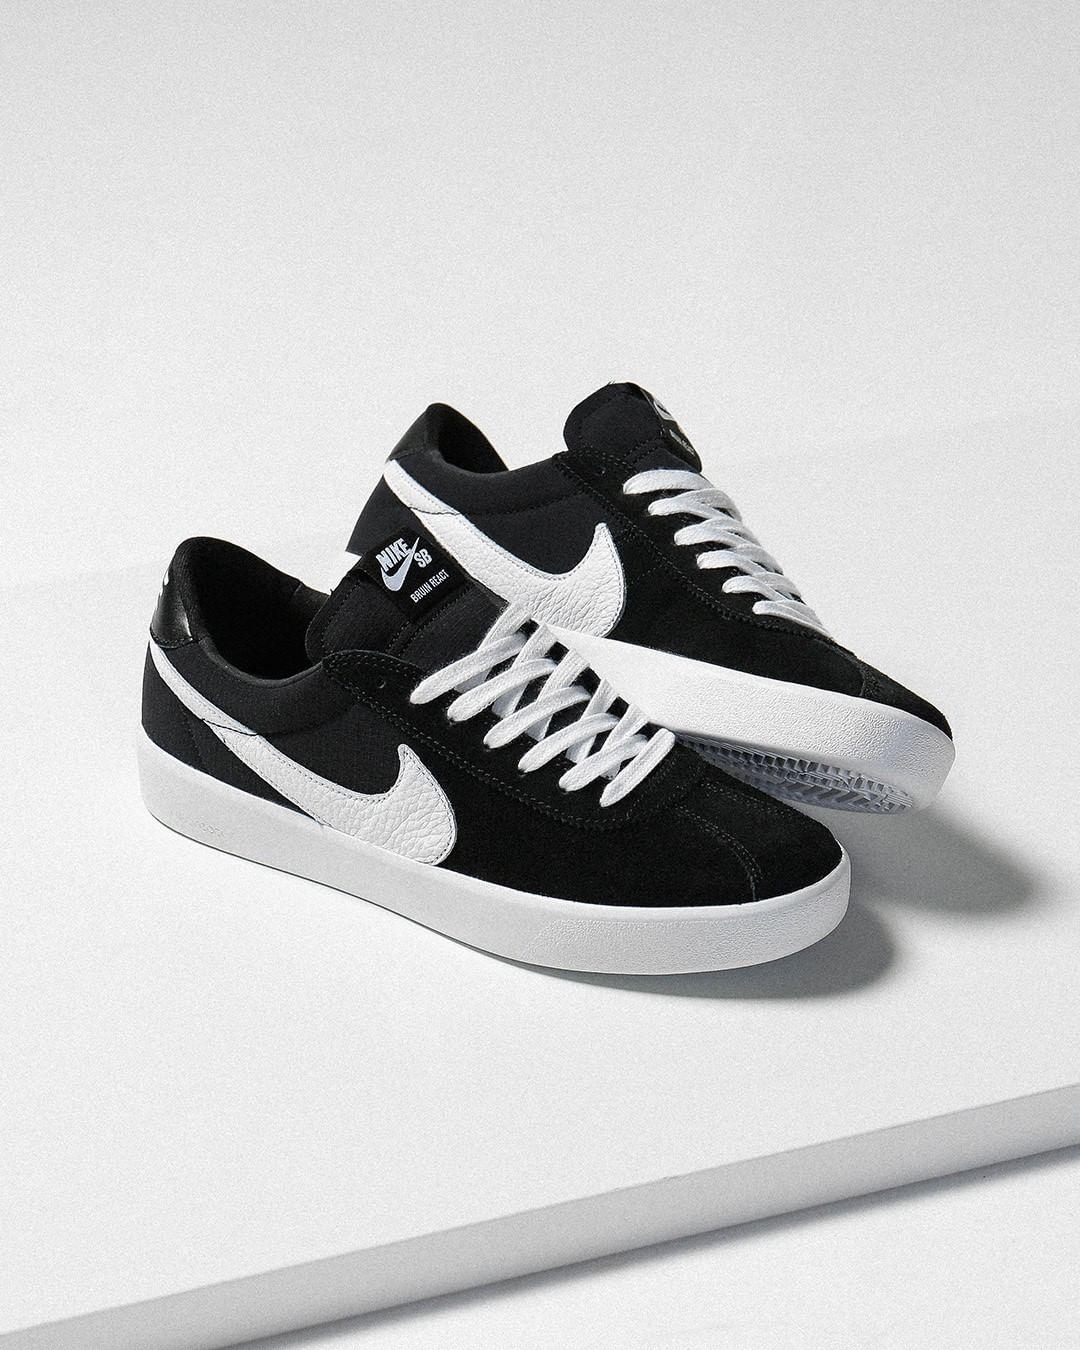 Nike React Bruin SB noire et blanche (0)